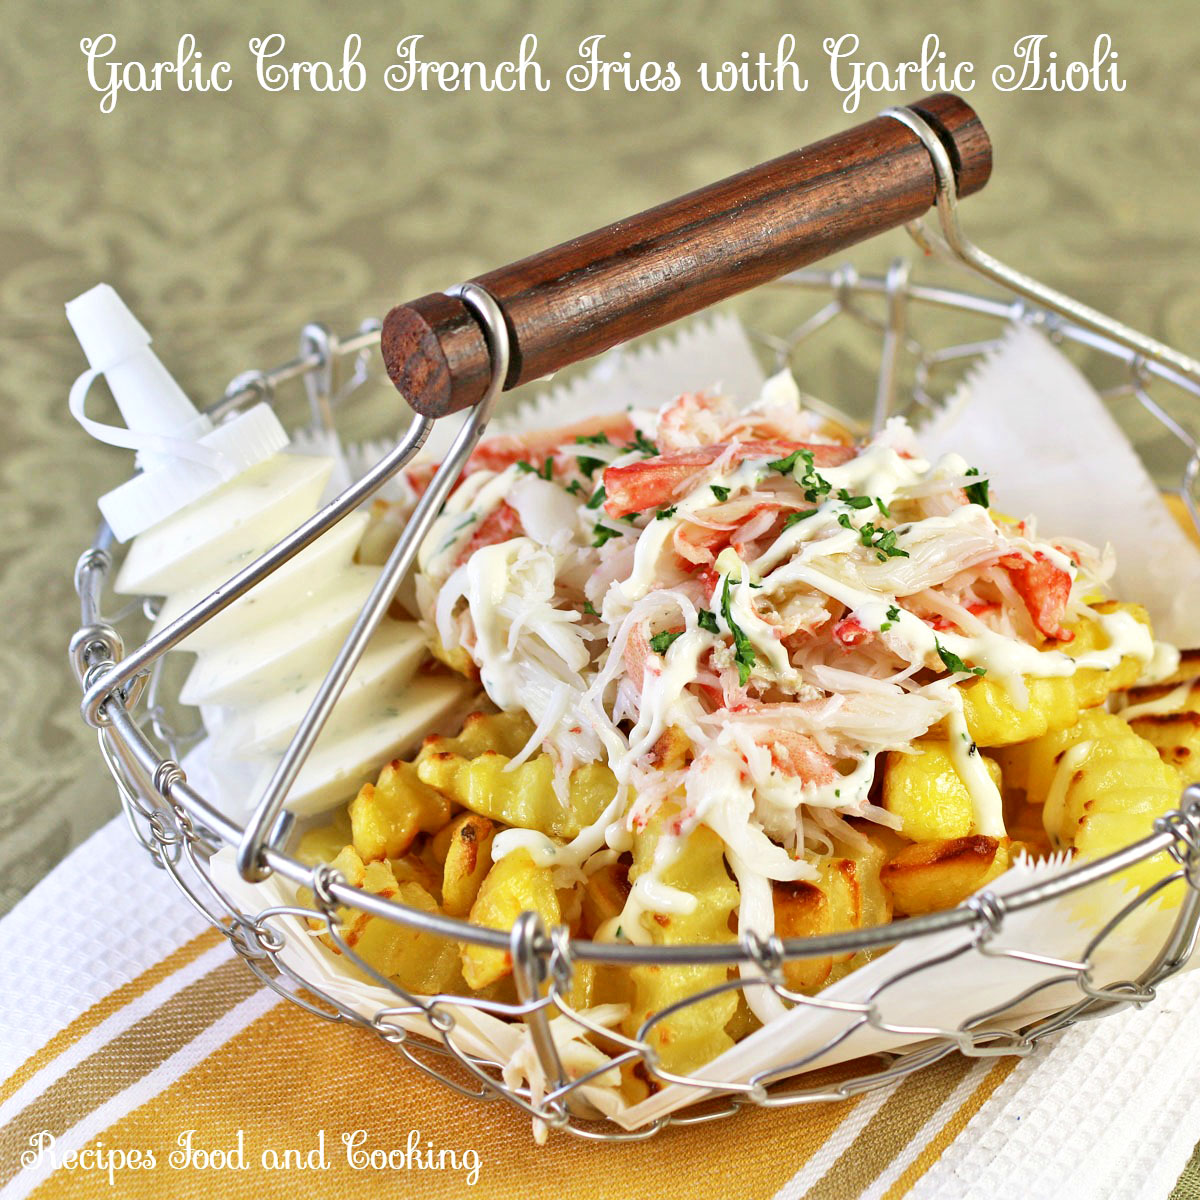 Garlic Crab French Fries with Garlic Aioli